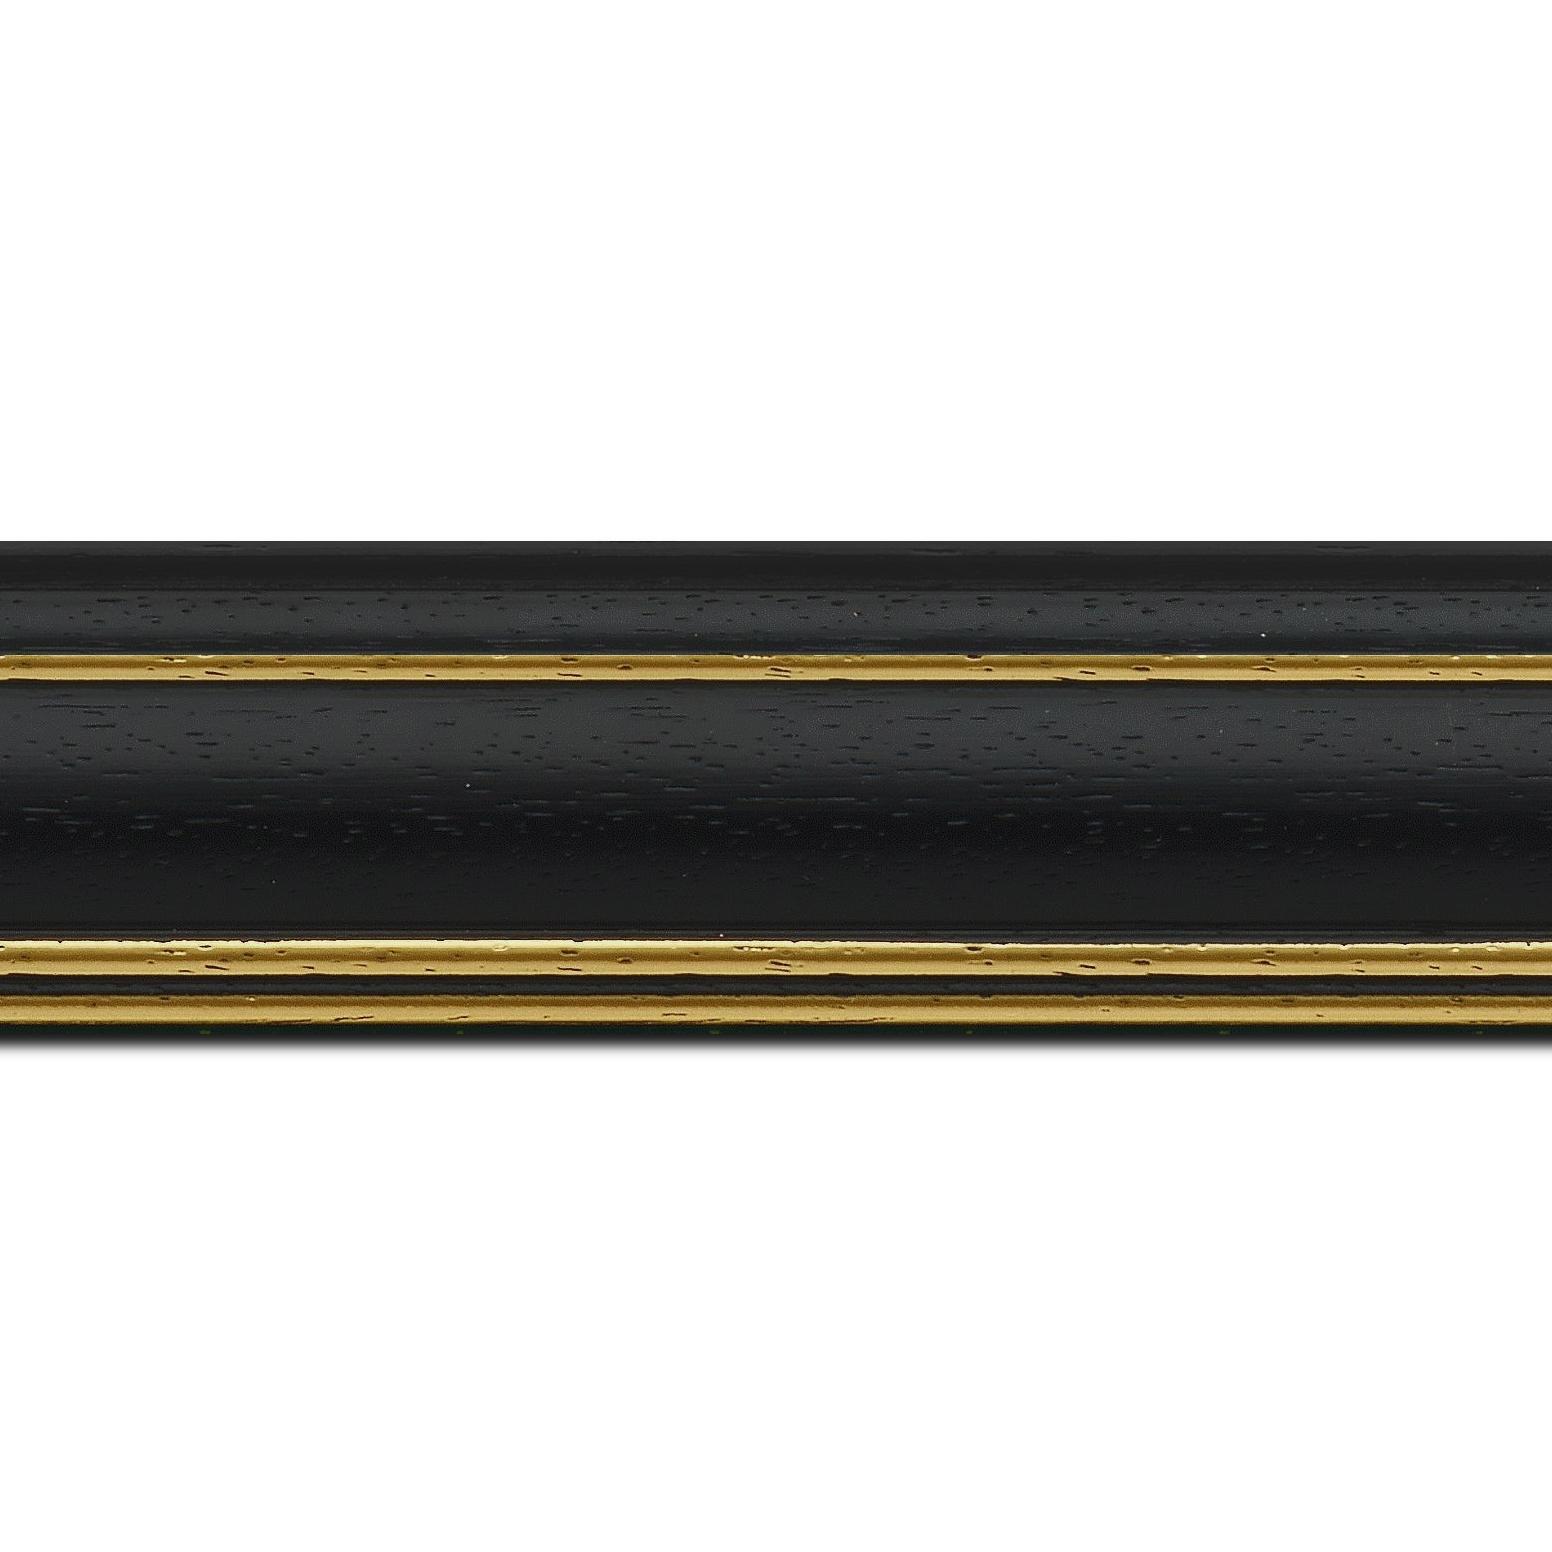 Pack par 12m, bois profil bombé largeur 5cm couleur noir satiné filet or (longueur baguette pouvant varier entre 2.40m et 3m selon arrivage des bois)